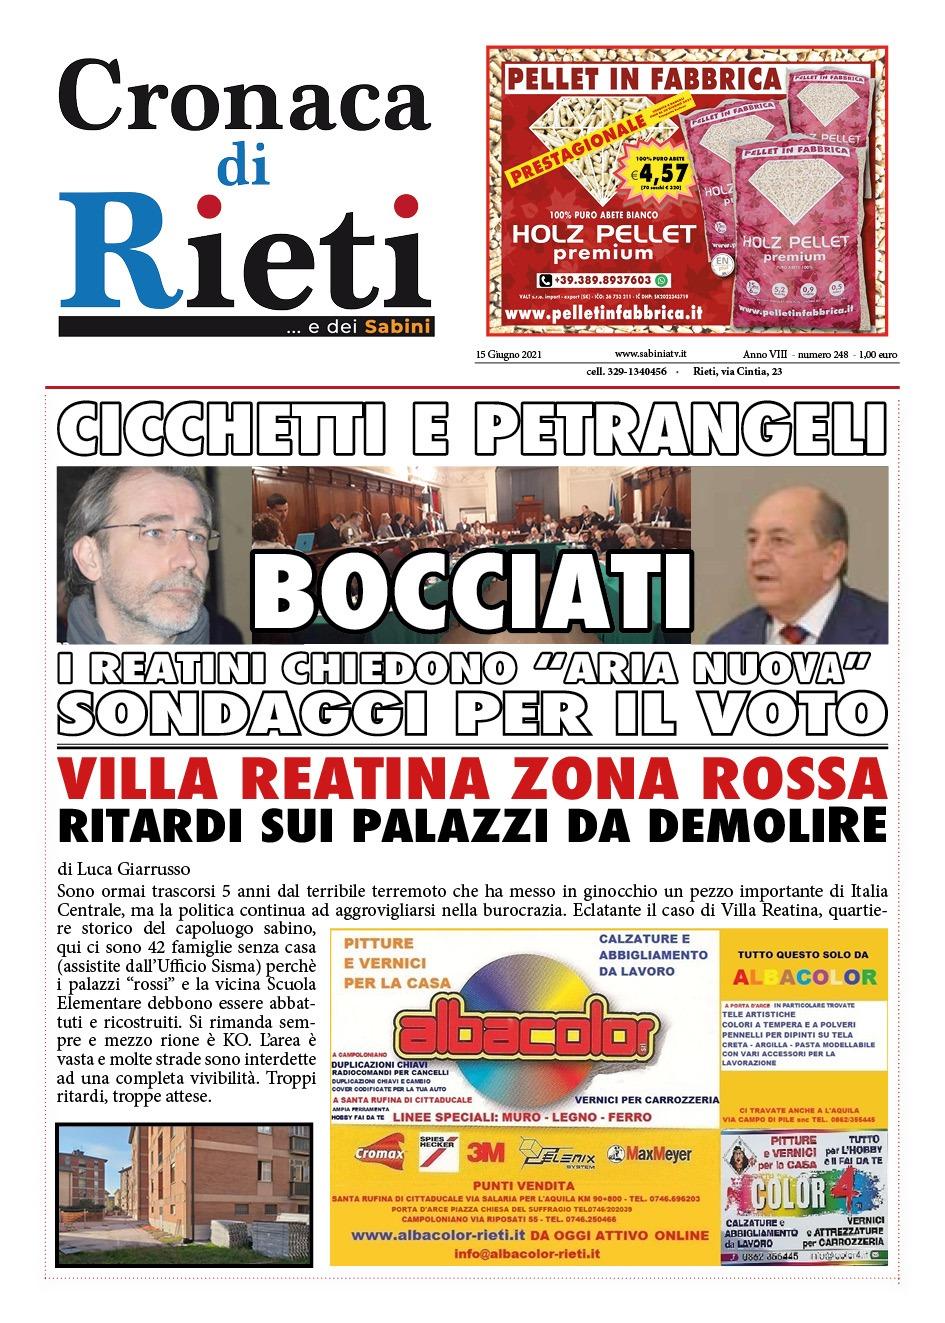 Cronaca di Rieti